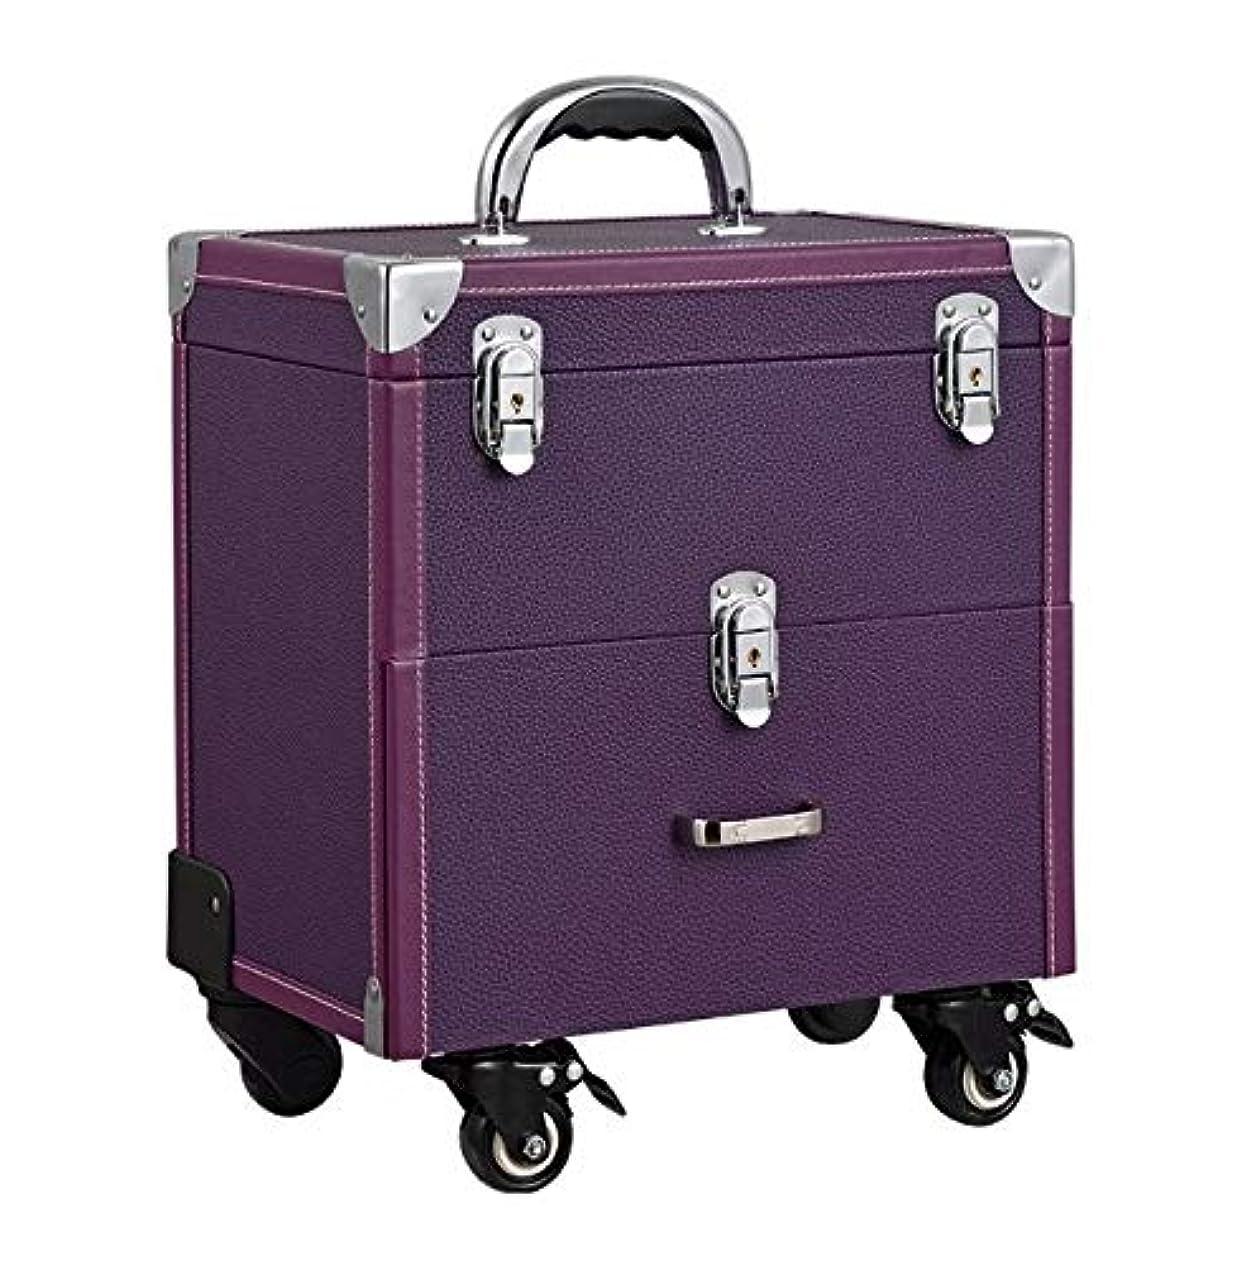 手紙を書くトランスペアレントヒューム化粧箱、大容量ダブルポール化粧品ケース、ポータブル旅行化粧品袋収納袋、美容化粧ネイルジュエリー収納ボックス (Color : Purple)